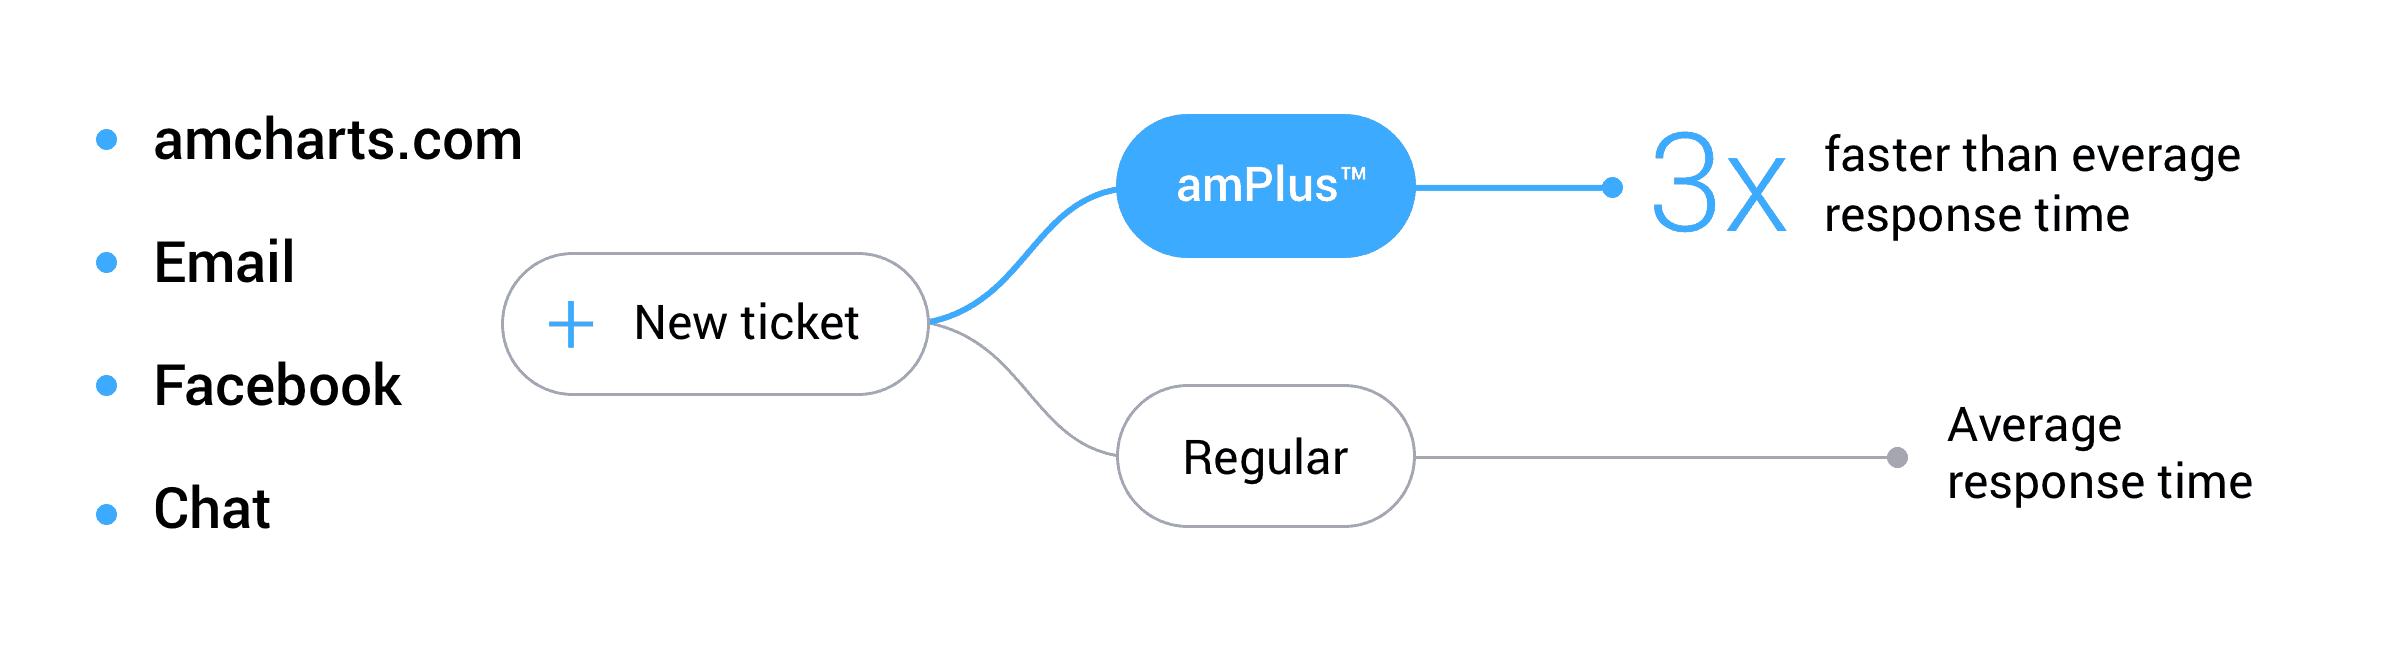 amPlus response time